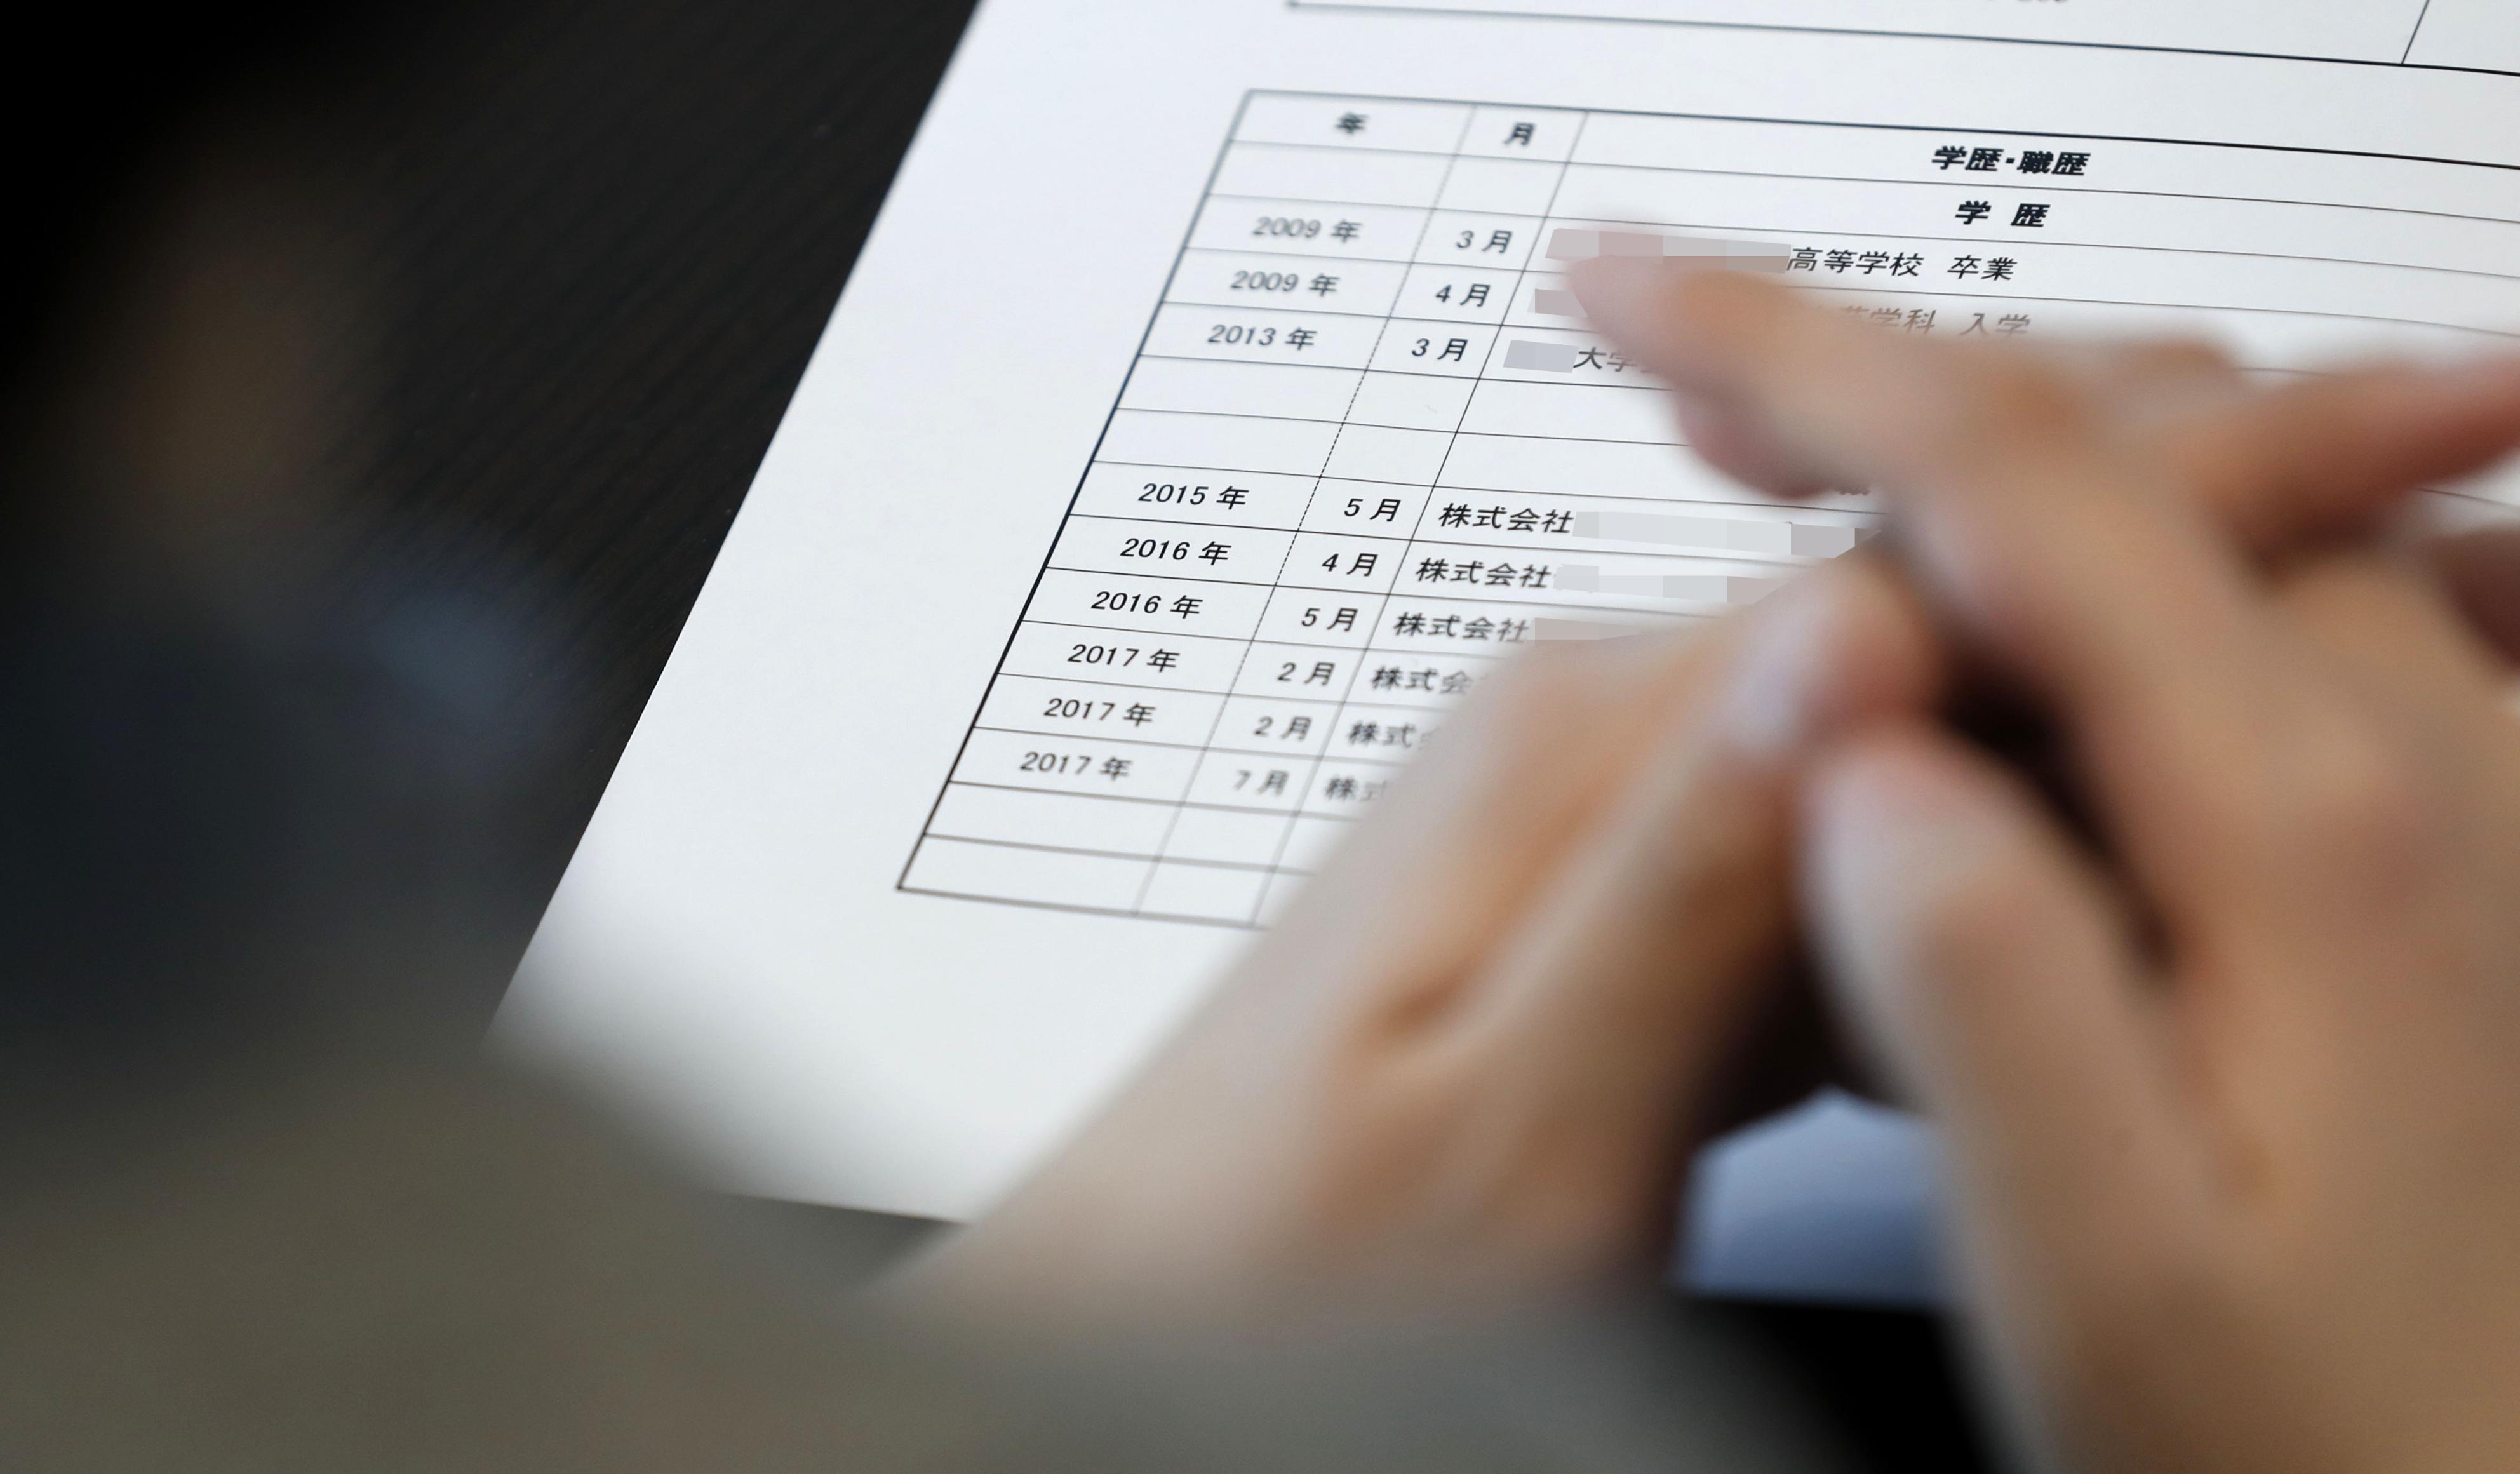 3年の間に入退社を繰り返した森永花音。履歴書の職歴欄には、転職の記録が記されていた(画像の一部を加工しています)